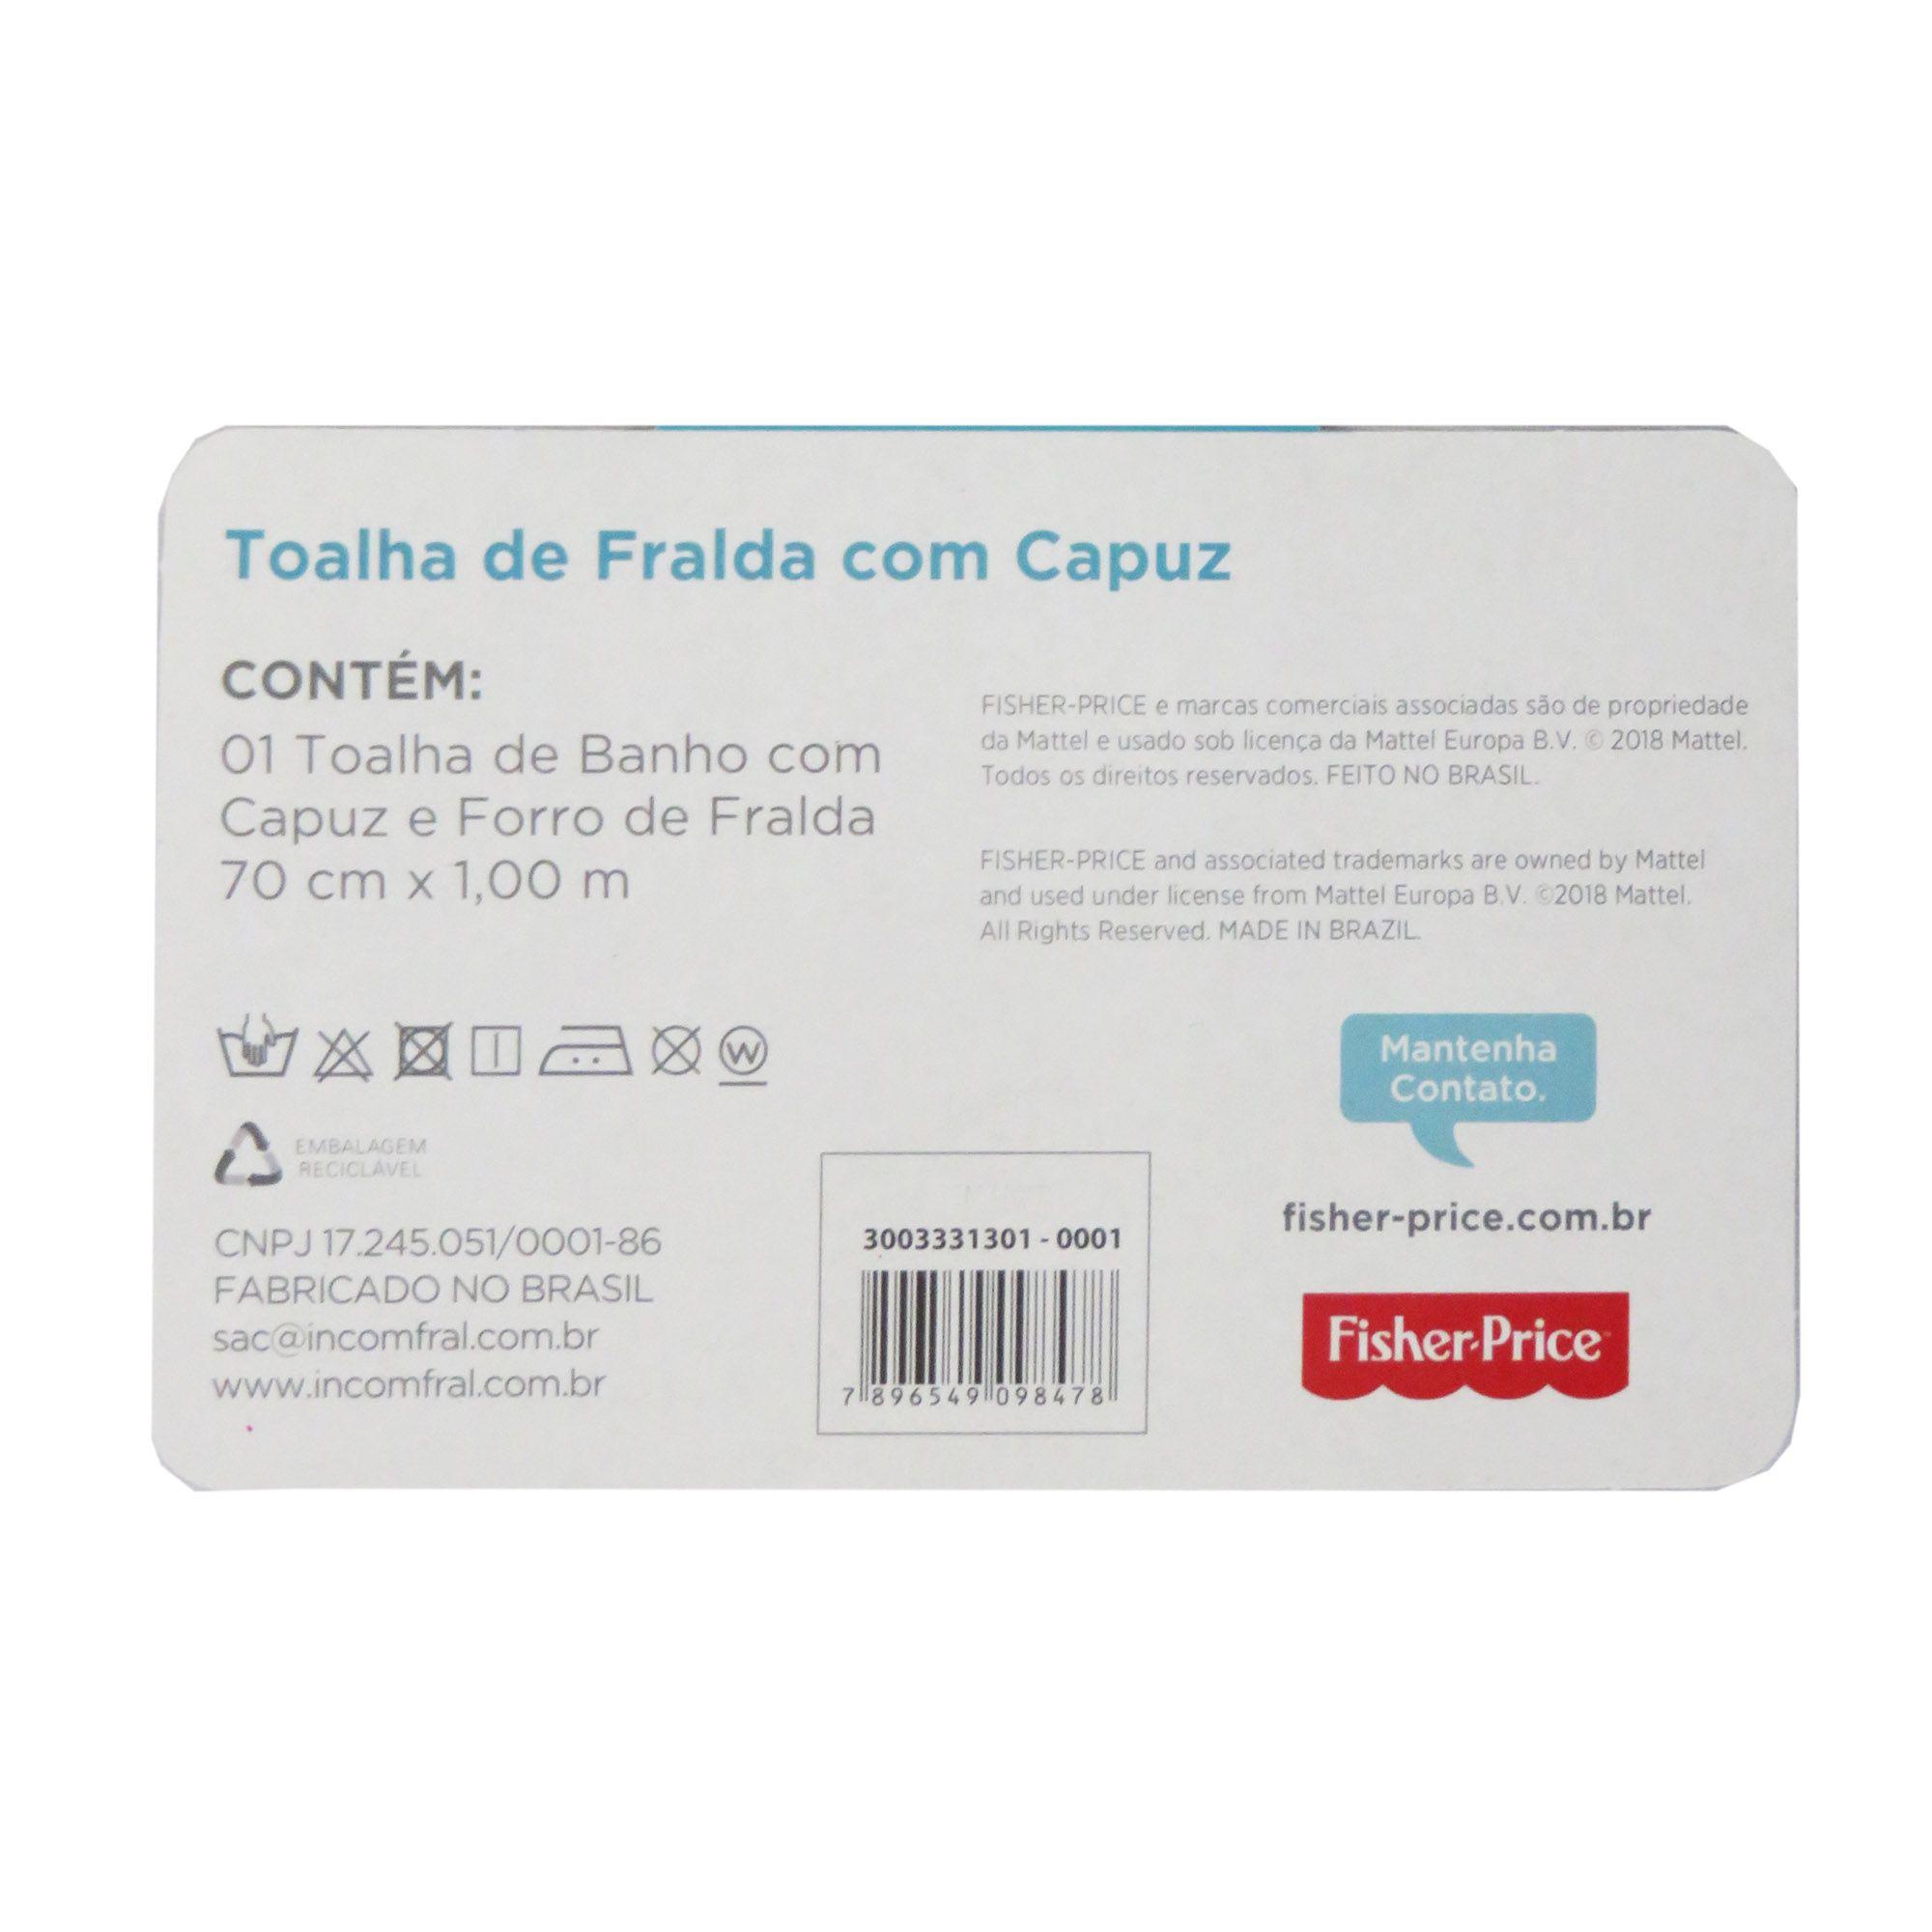 Toalha de Fralda incomfral Fisher Price - Com Capuz - Amarelo Claro